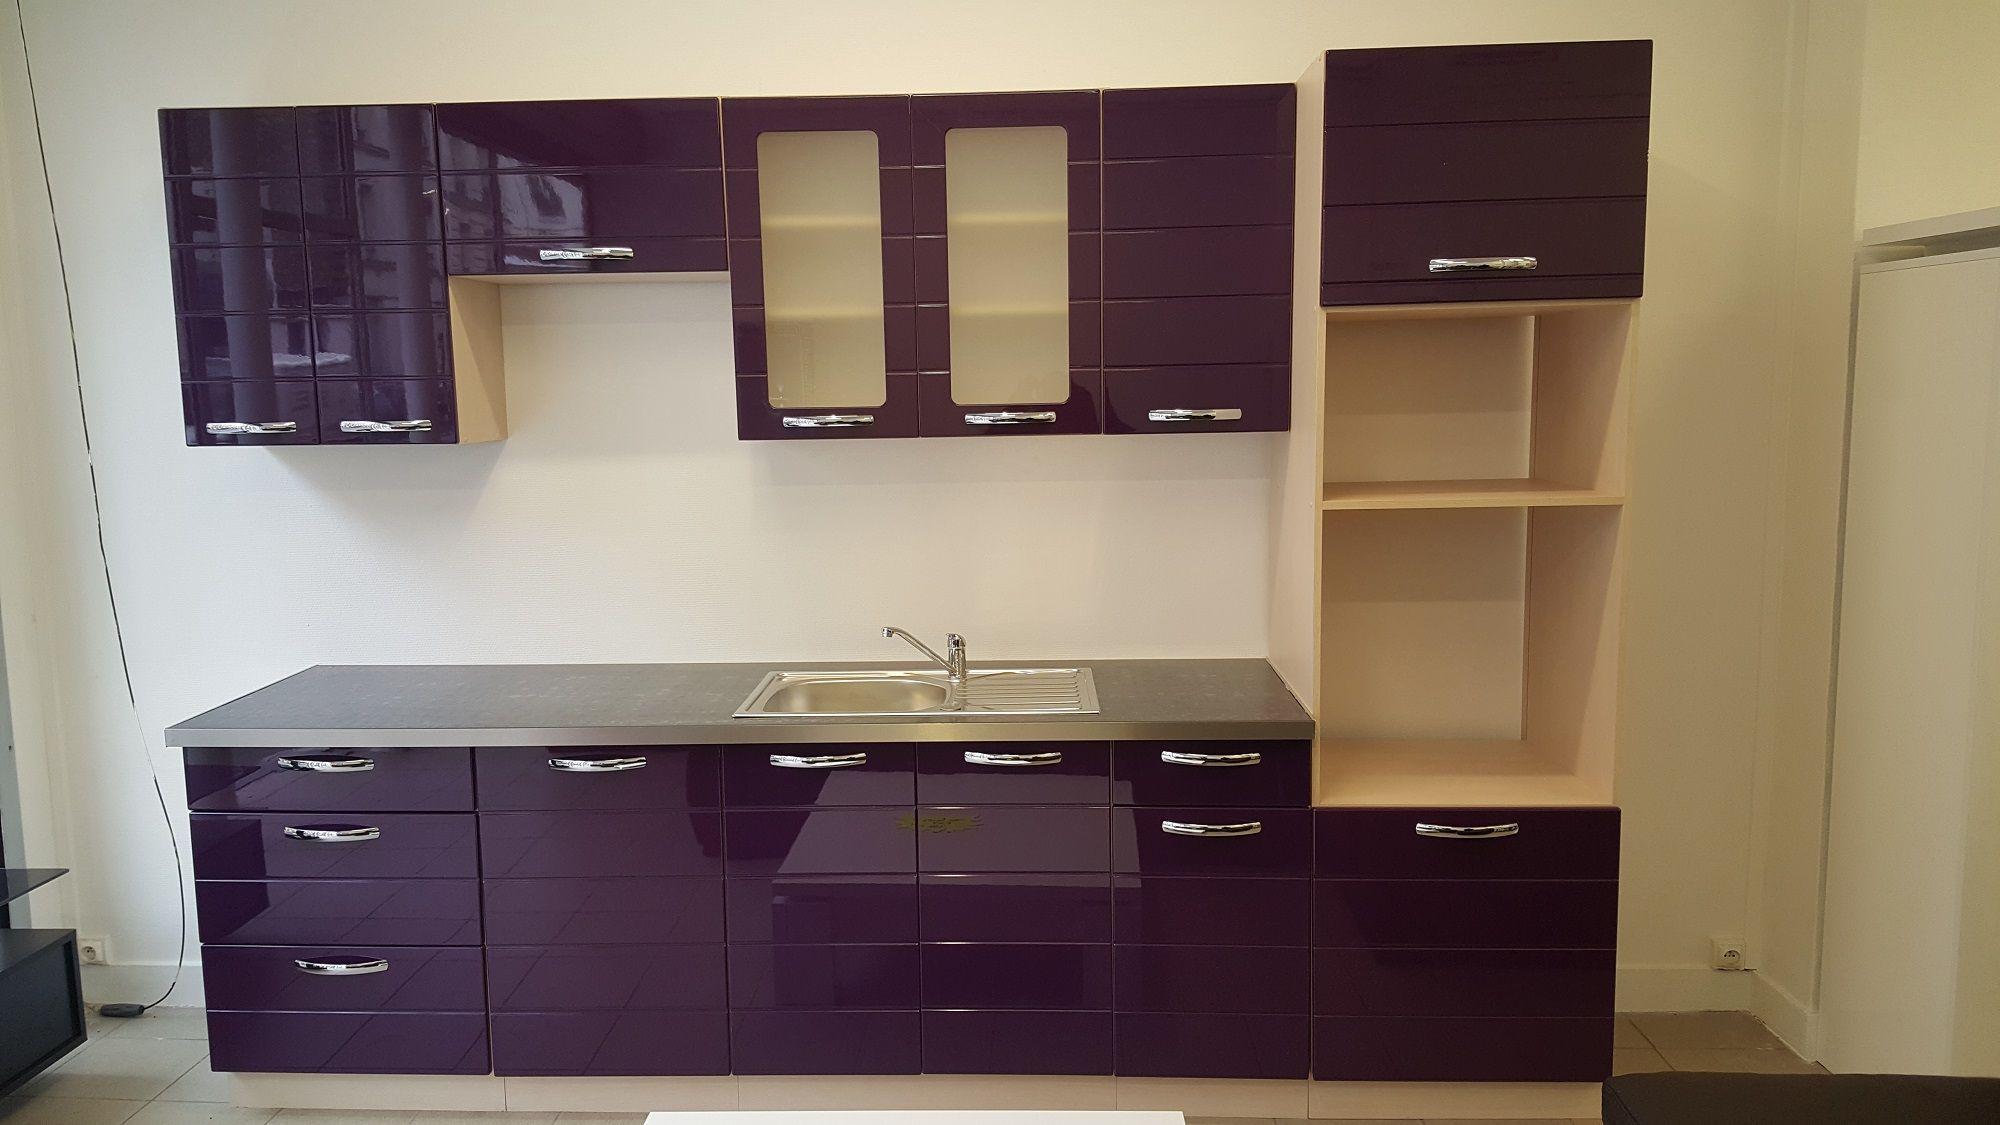 plan de travail en ligne norme hauteur plan de travail cuisine dutiliser la boite de drivation. Black Bedroom Furniture Sets. Home Design Ideas